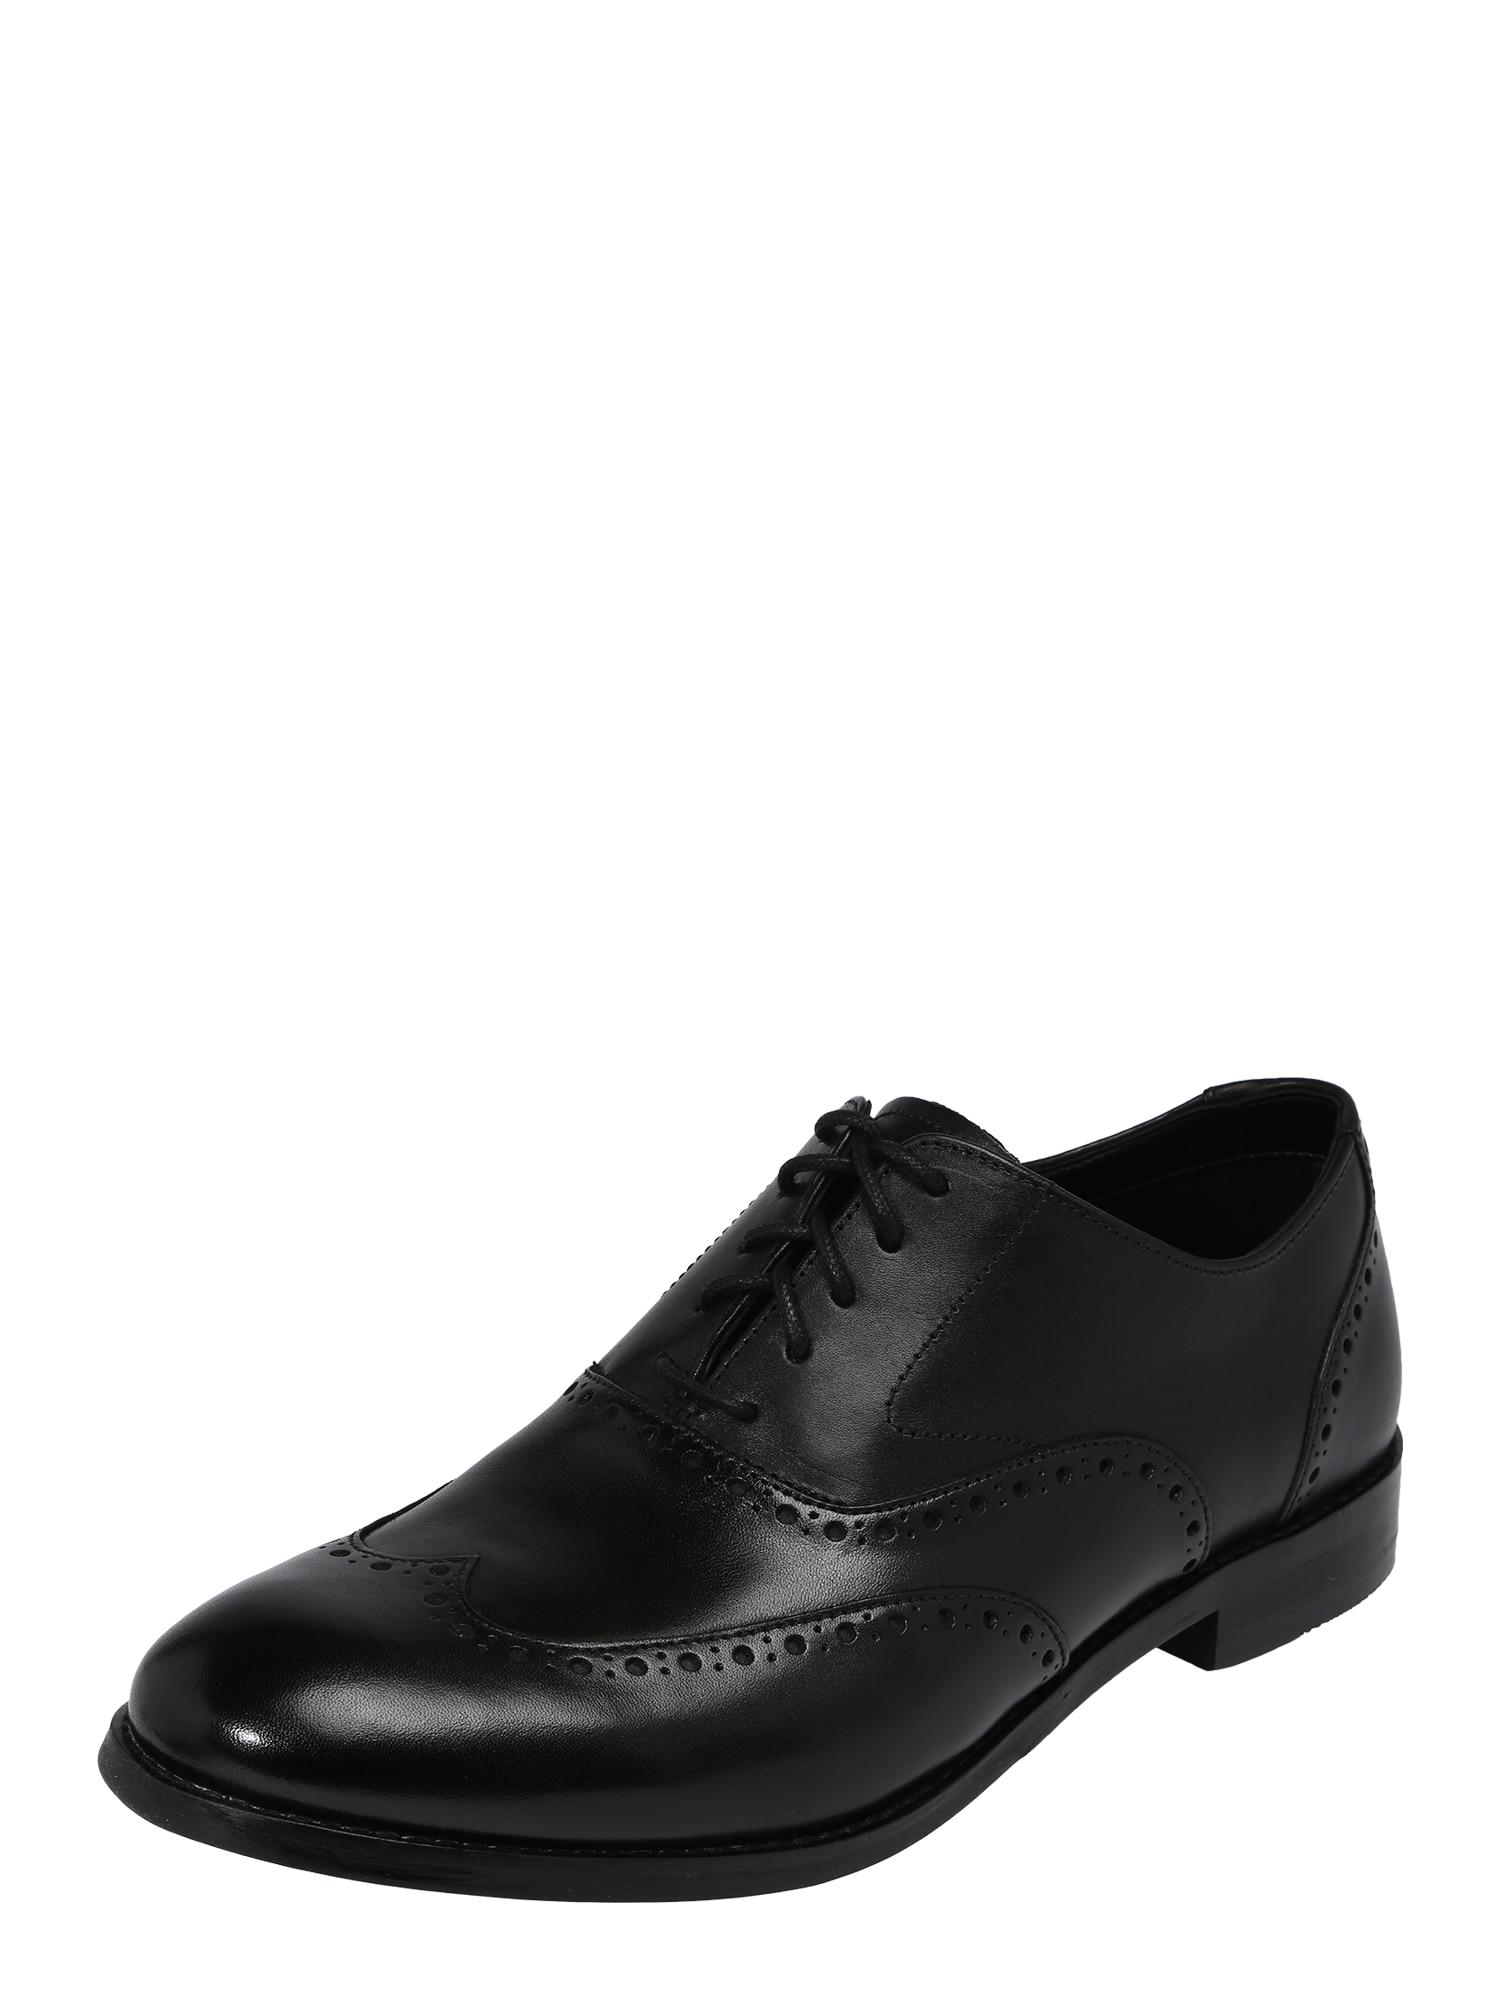 Šněrovací boty Edward Walk černá CLARKS